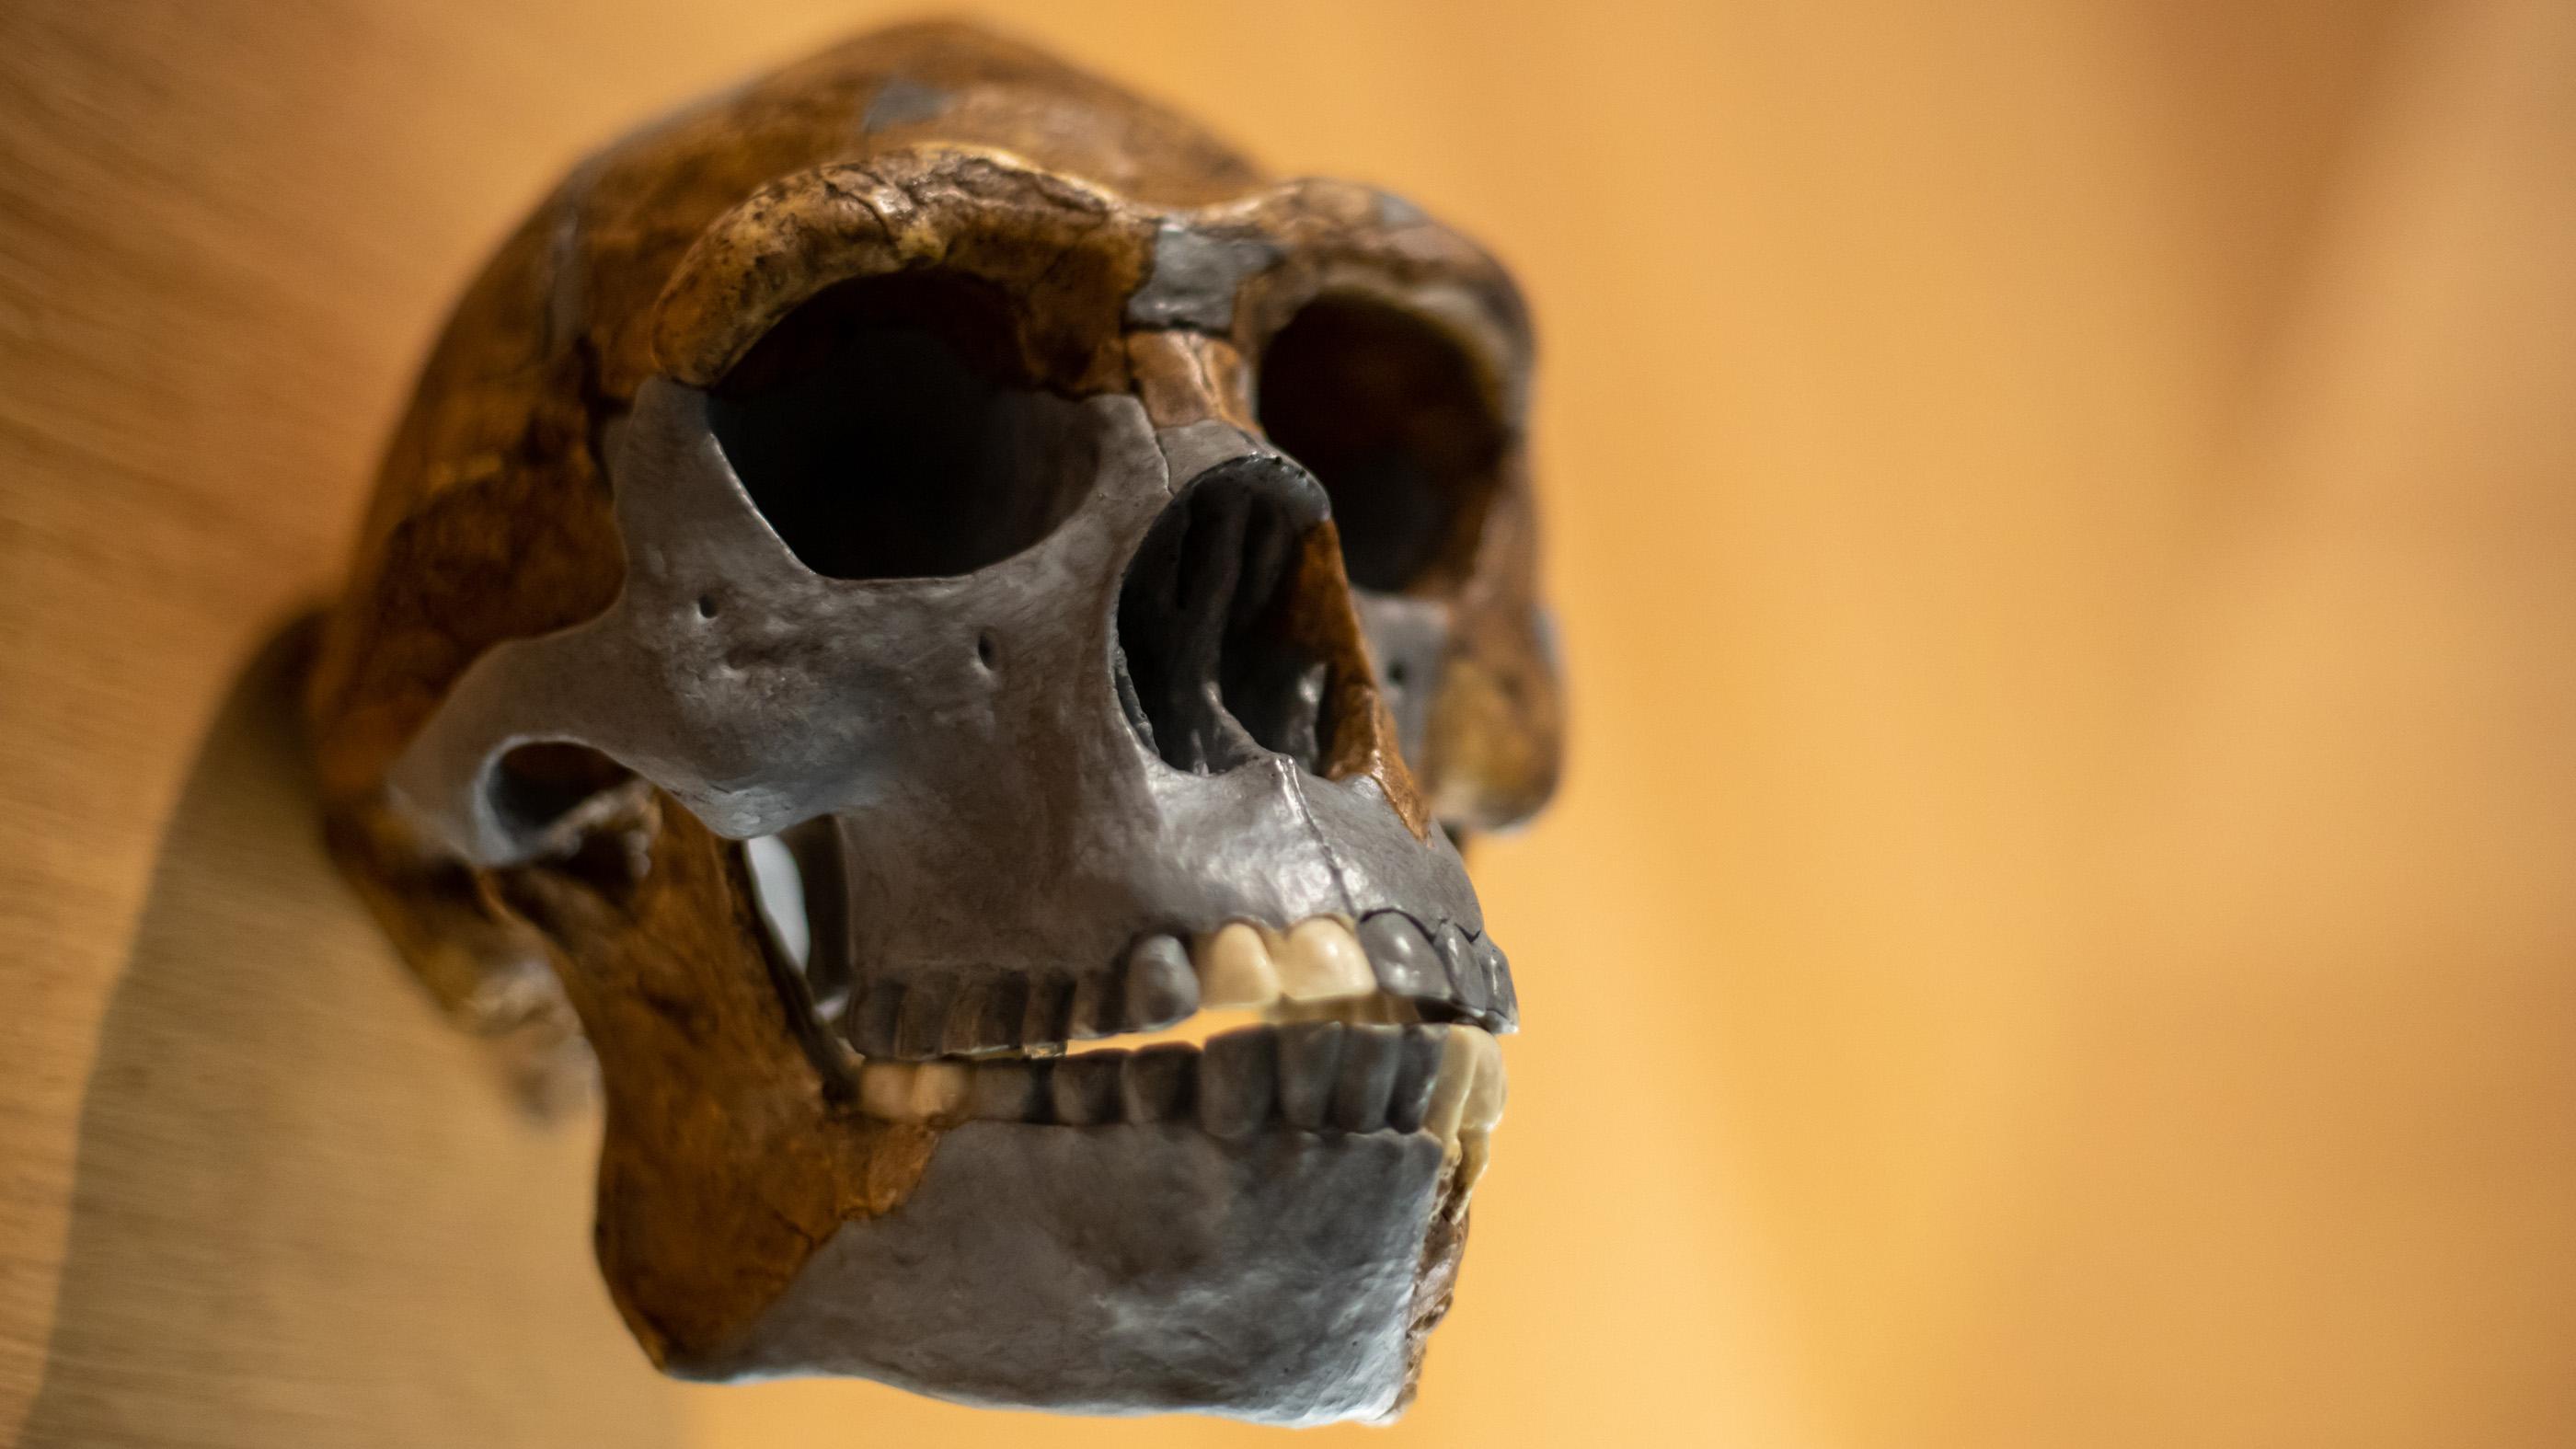 Геном современных людей оказался уникален на 1,5–7 процентов